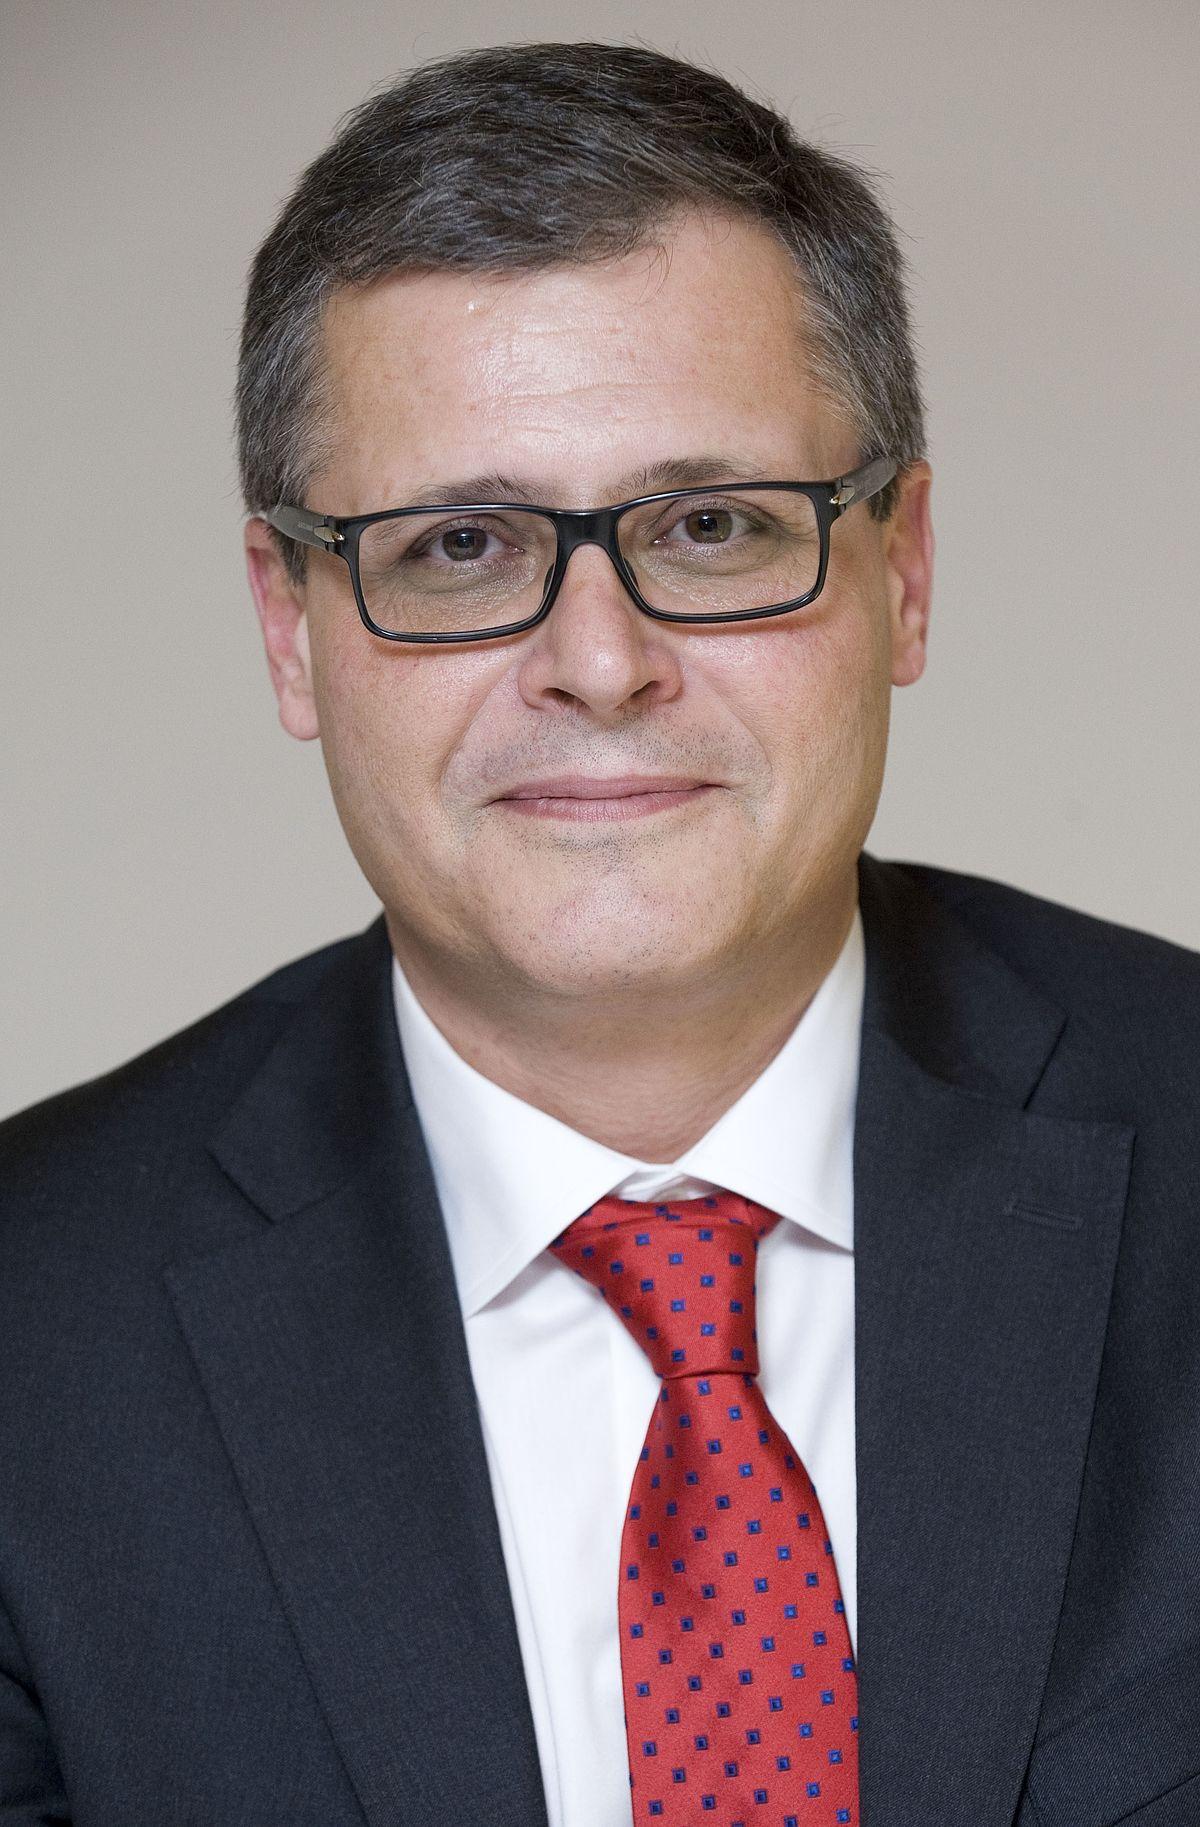 Lukas Huber (Mediziner) – Wikipedia